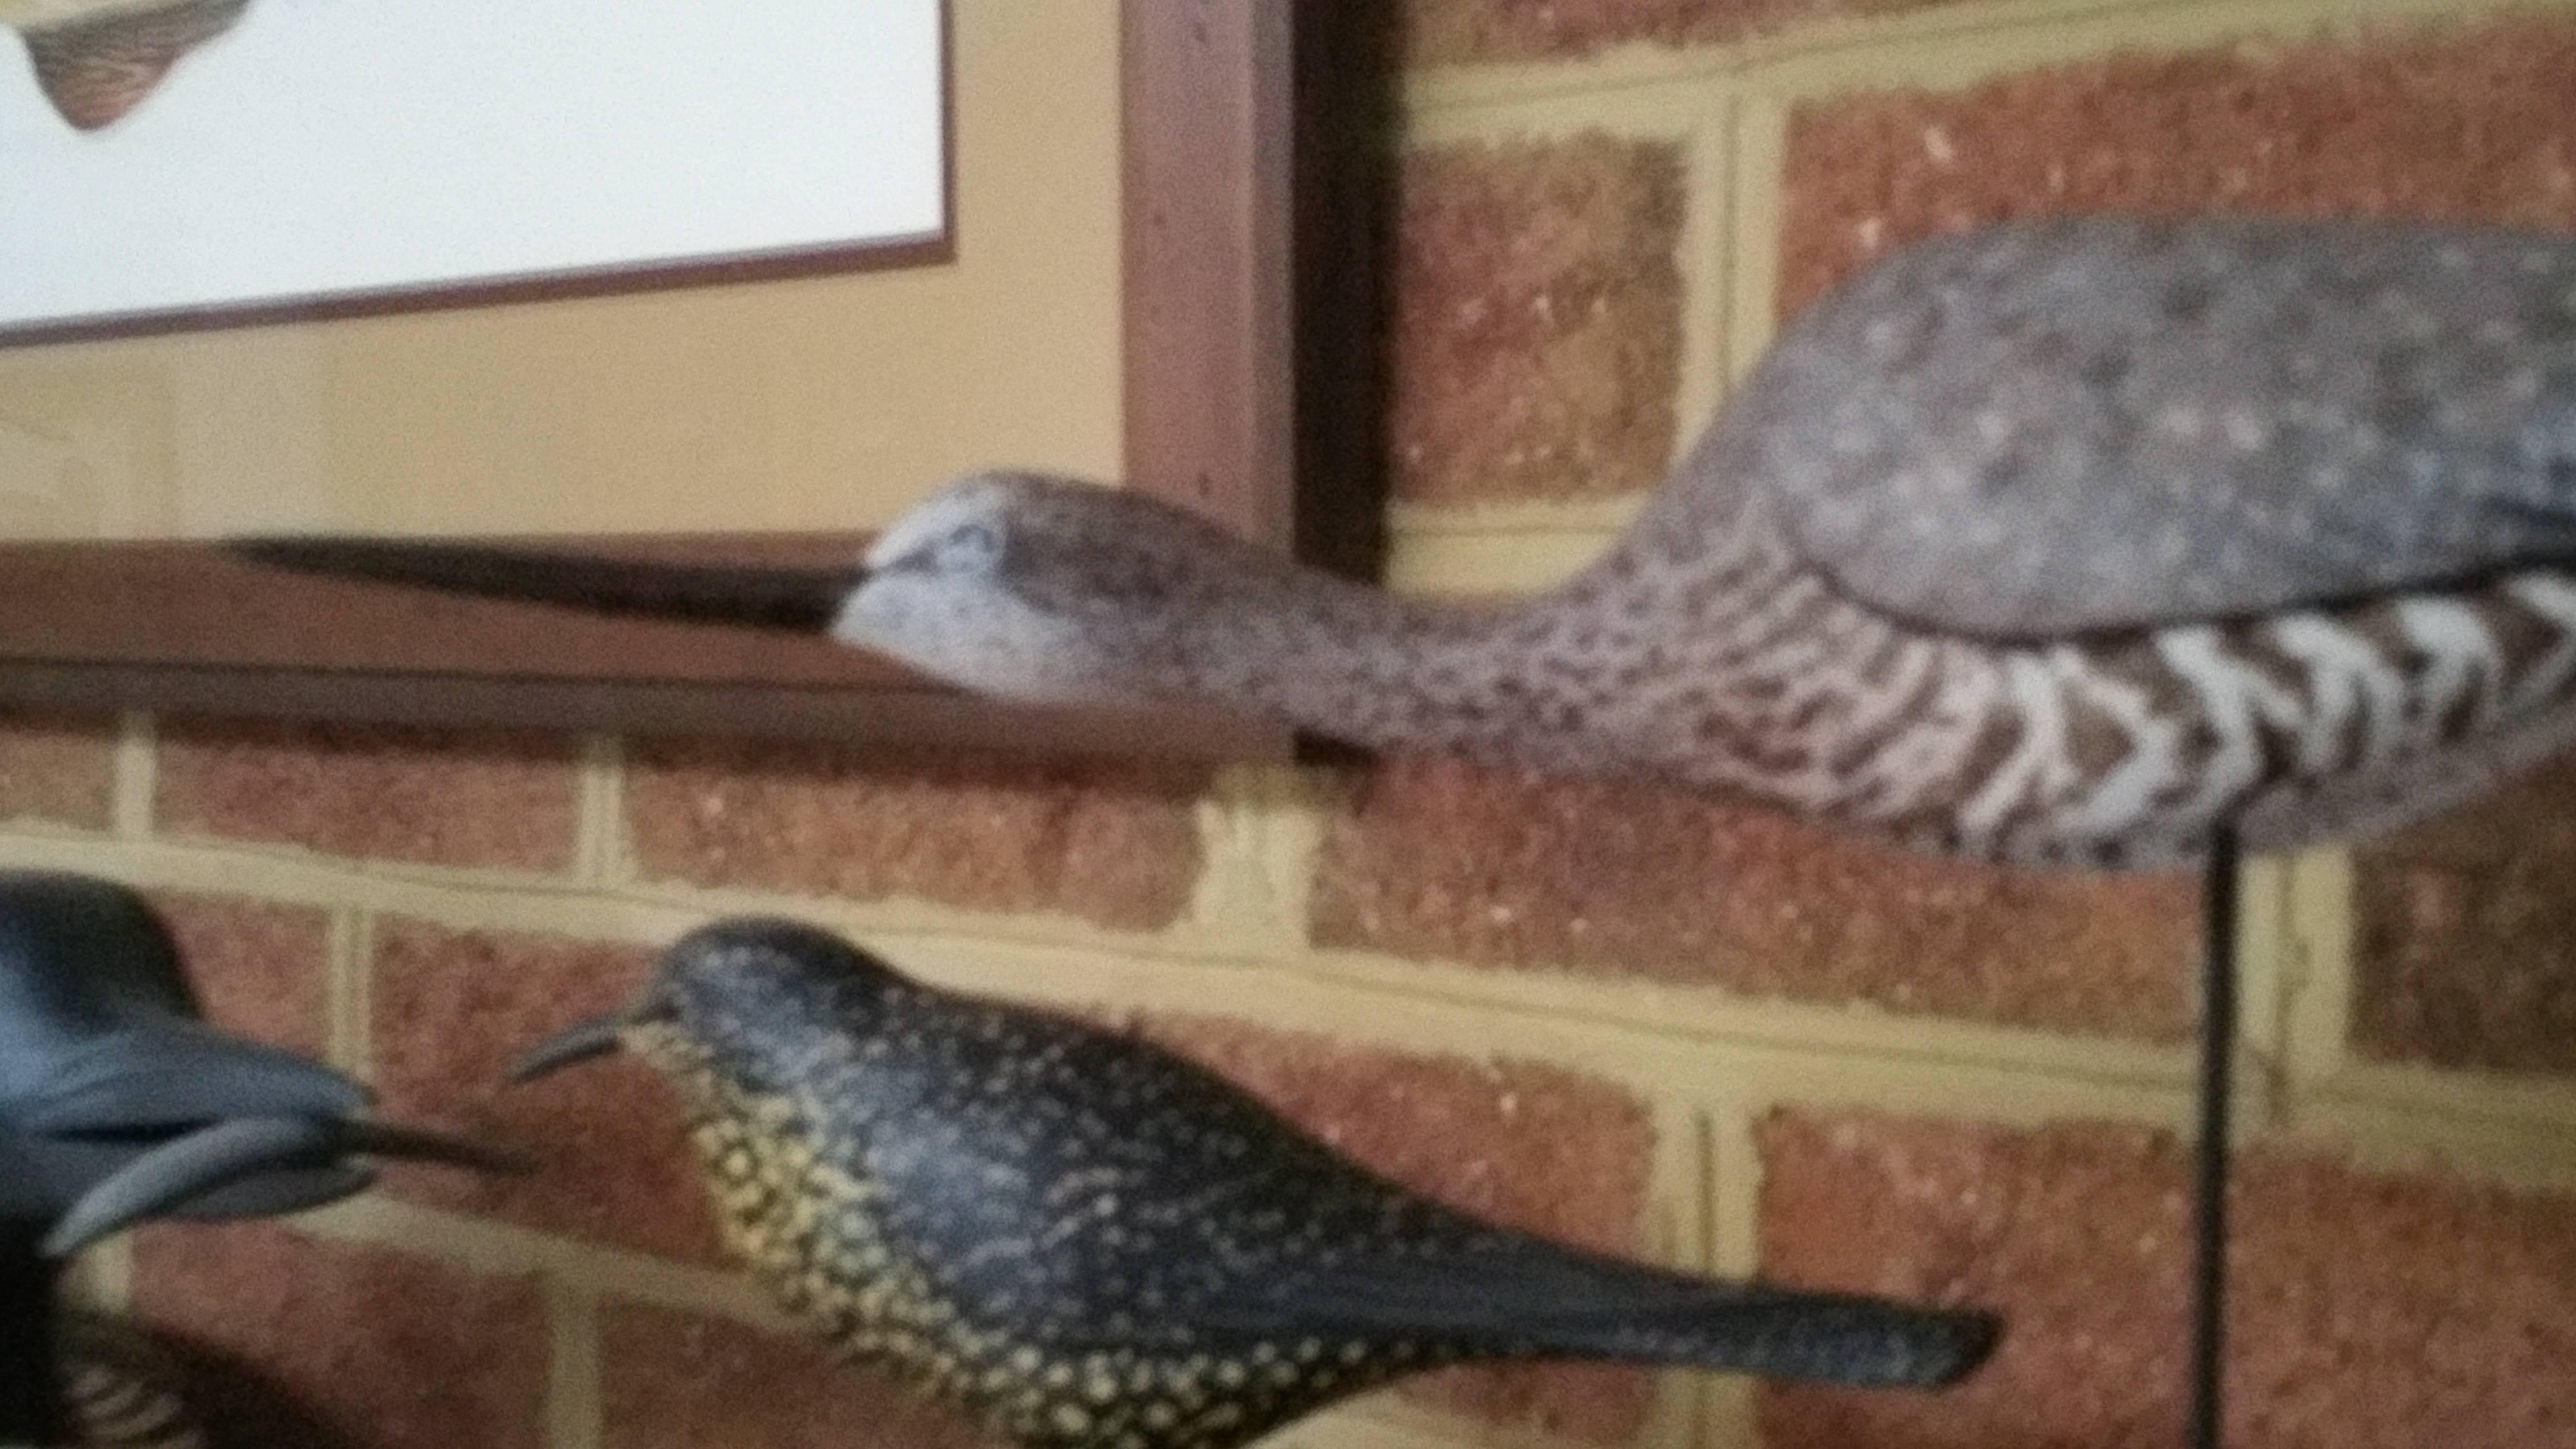 Shorebird and Songbird